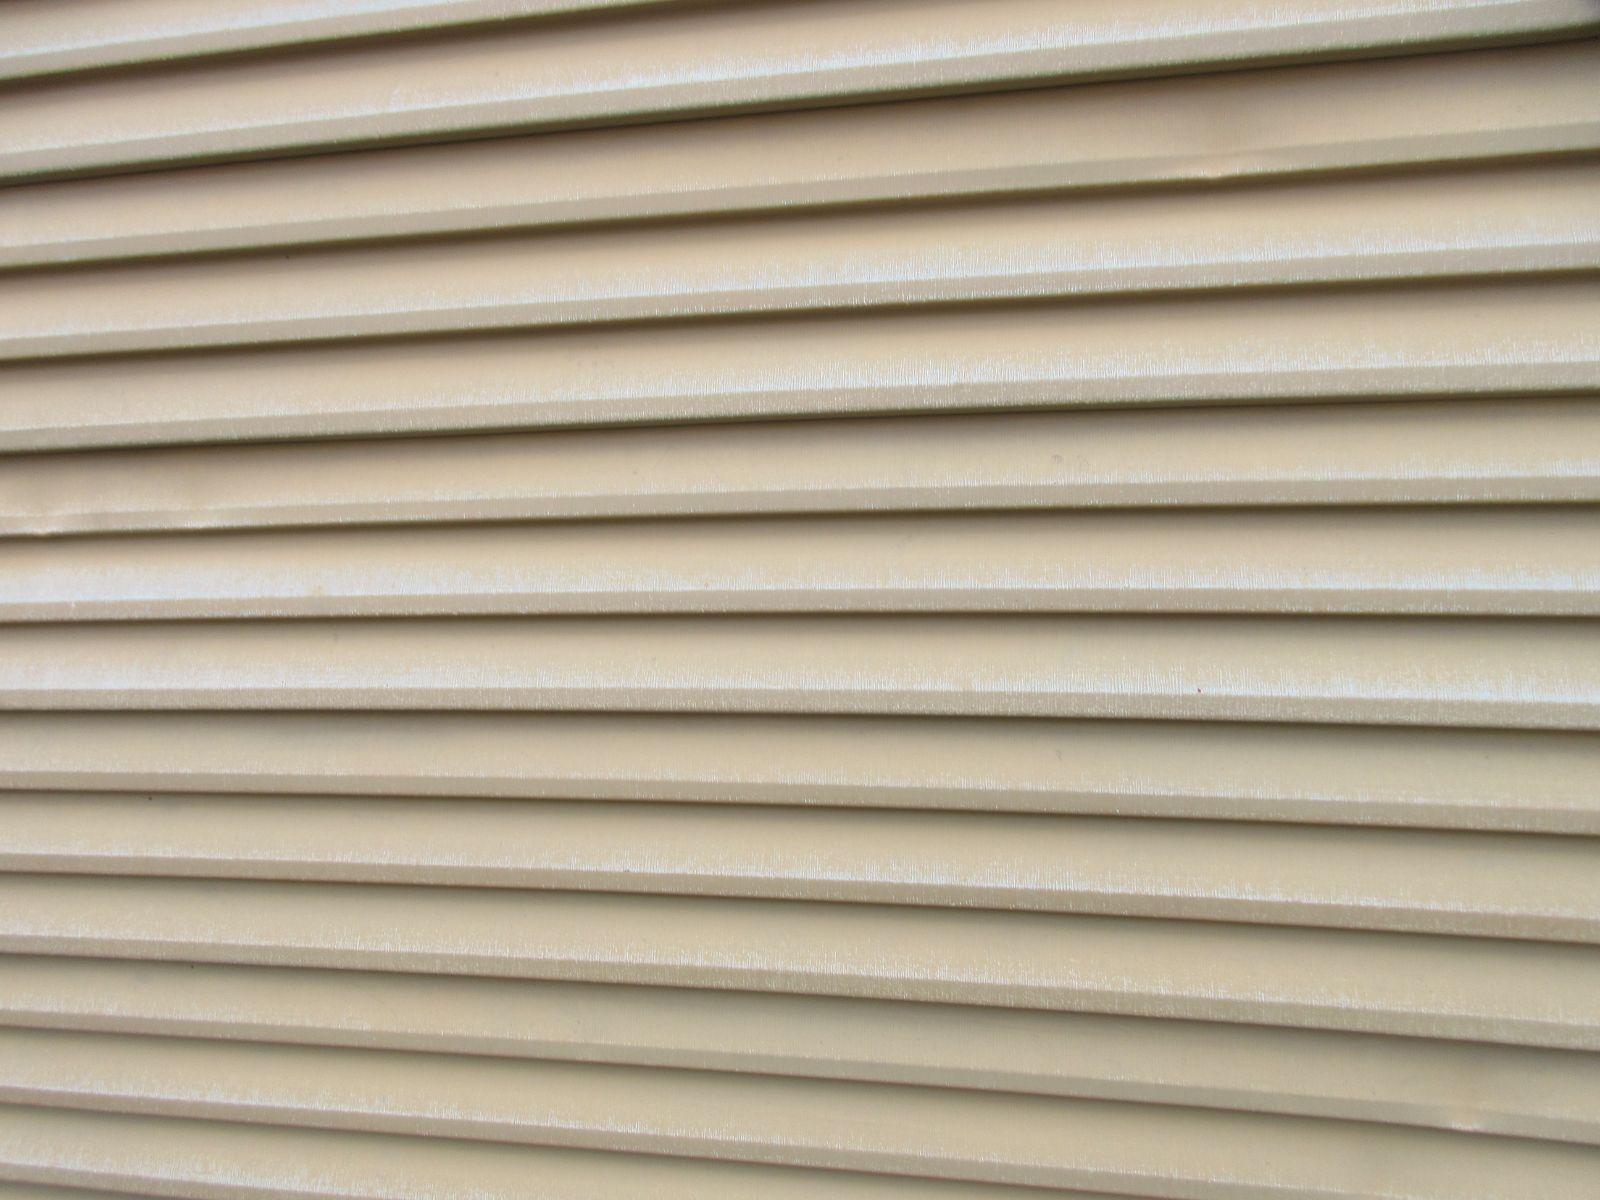 【和歌山市】T様邸 外壁・屋根塗装工事<br>『モダンに大変身♫新築のような美しさ✦』11